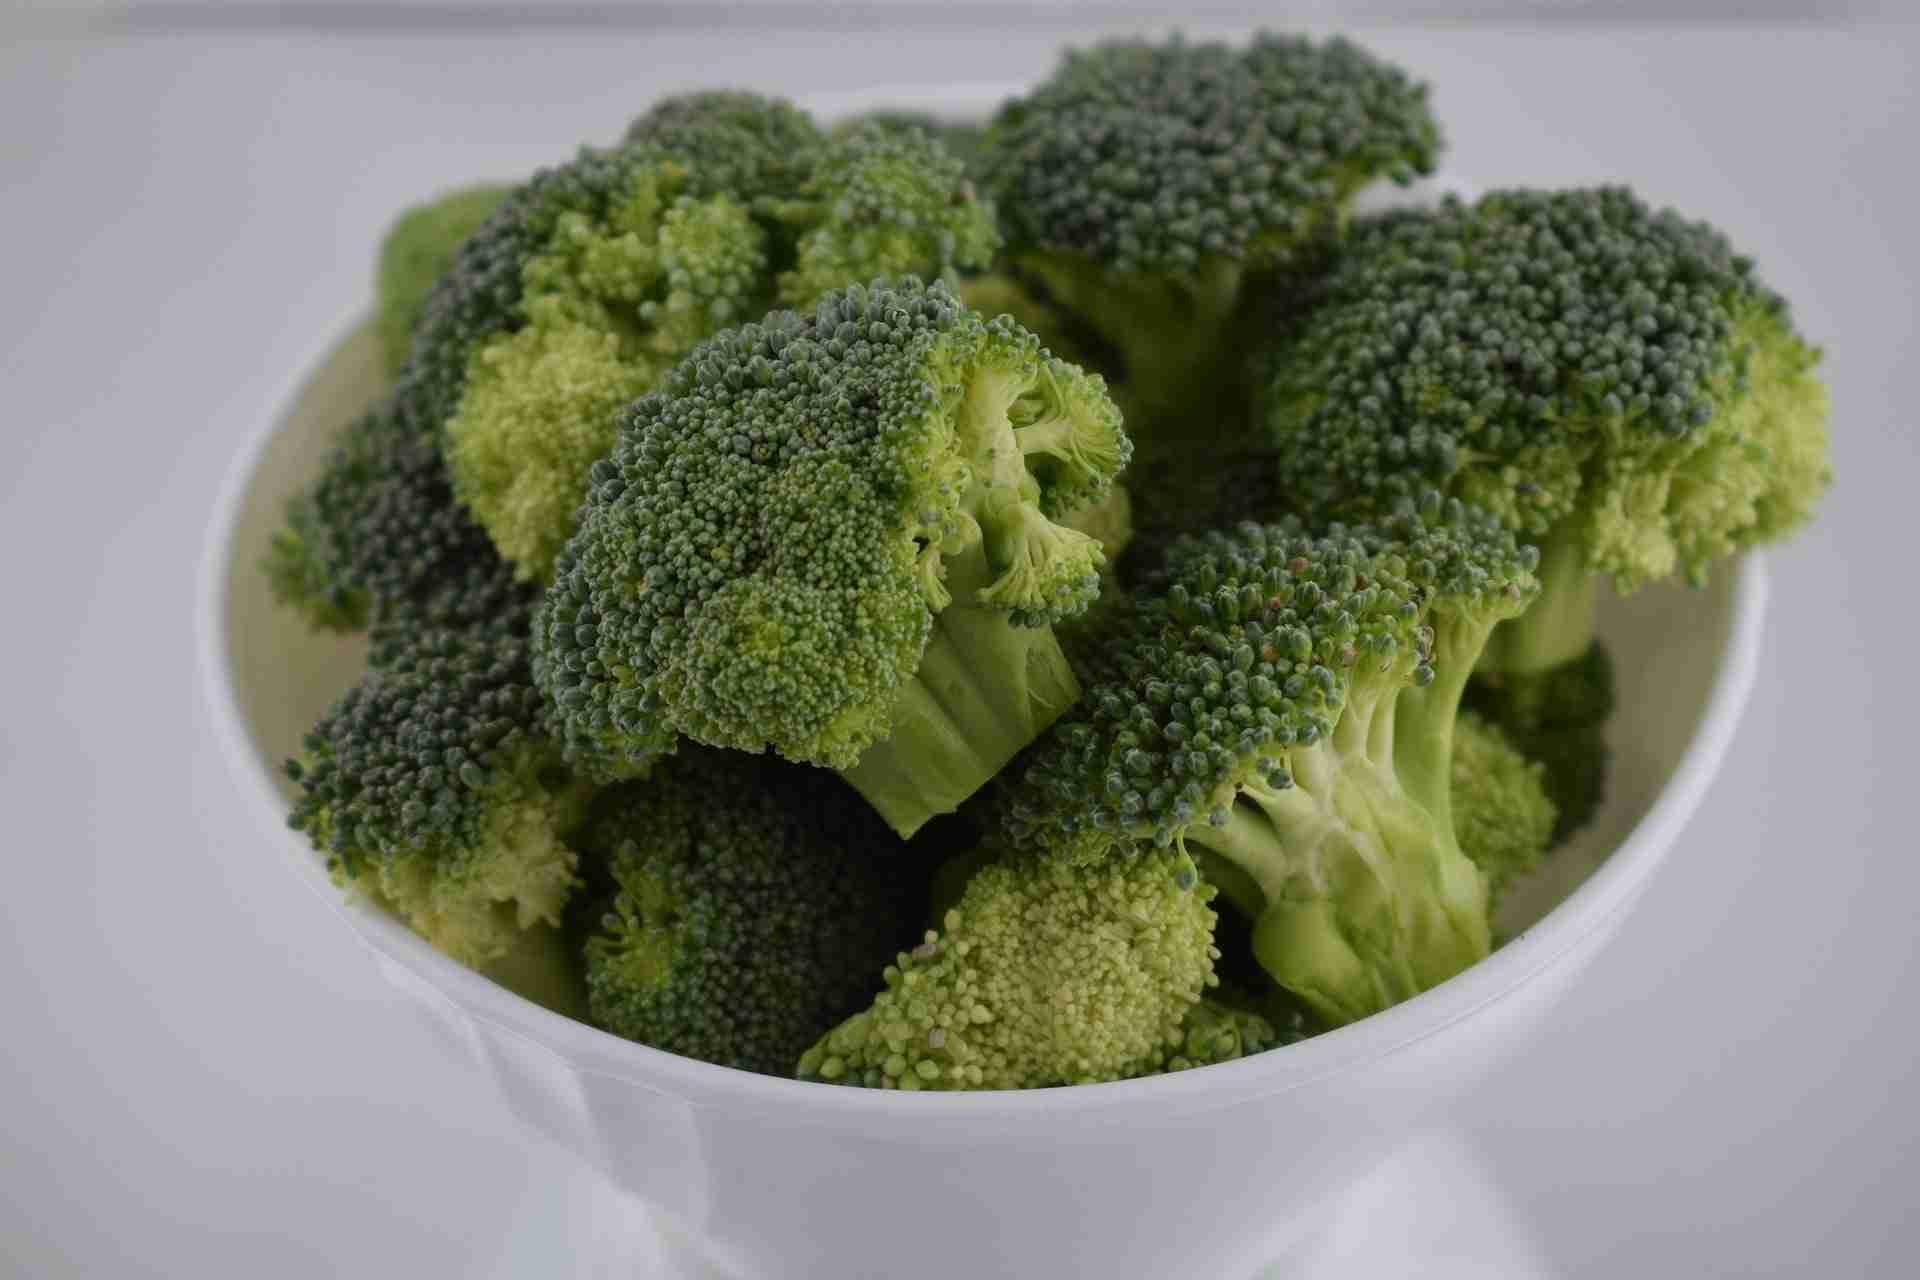 Brokkoli bekömmlich machen